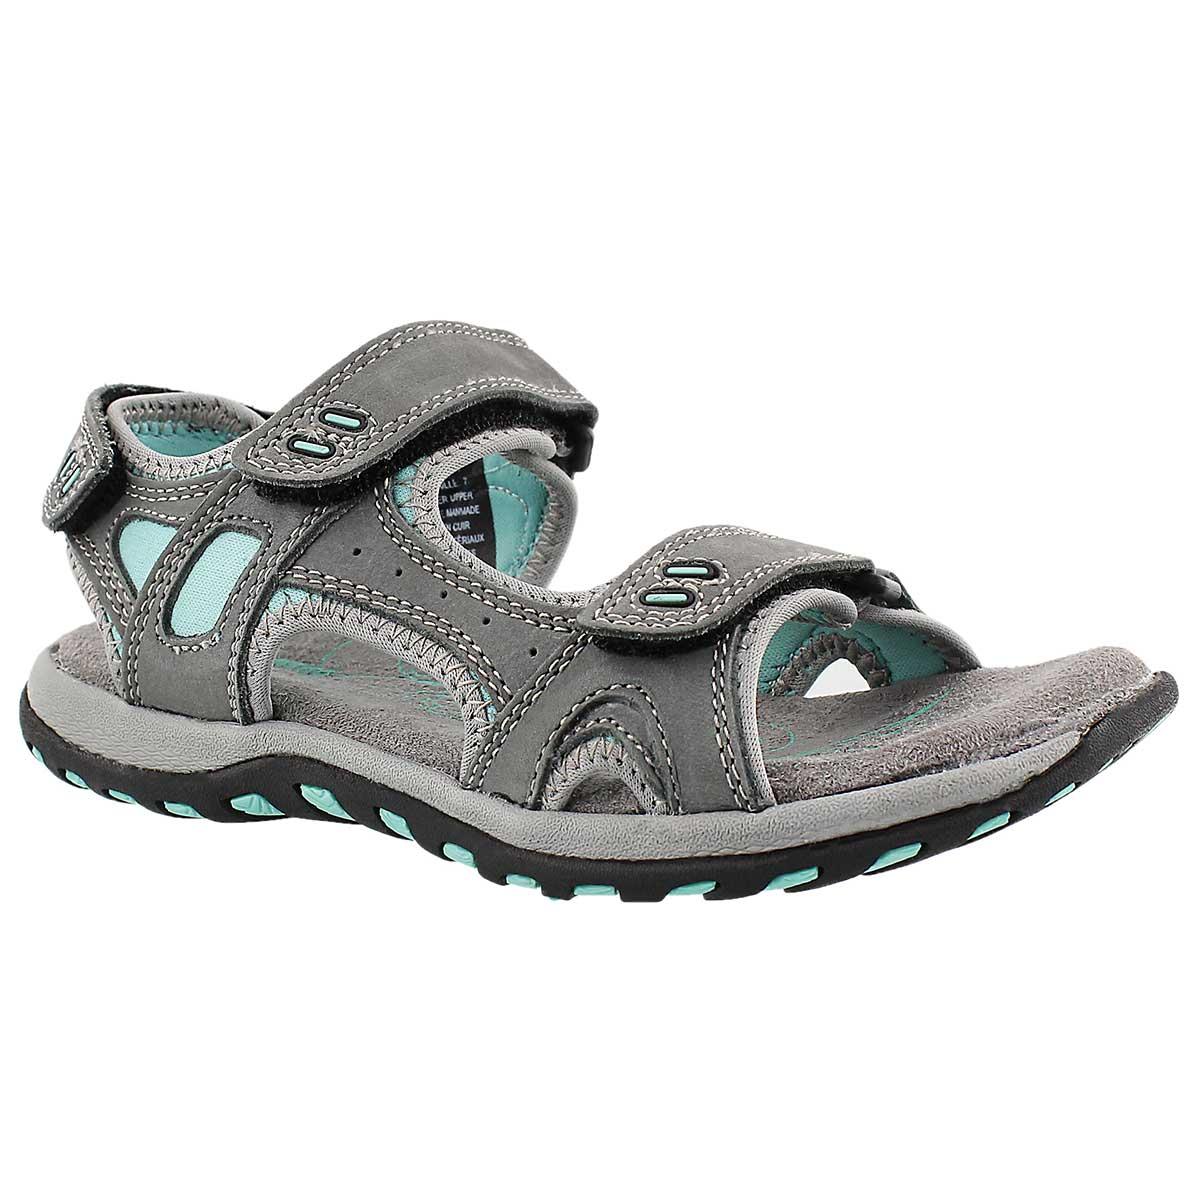 Women's CLARA 2 grey 3 strap sport sandals